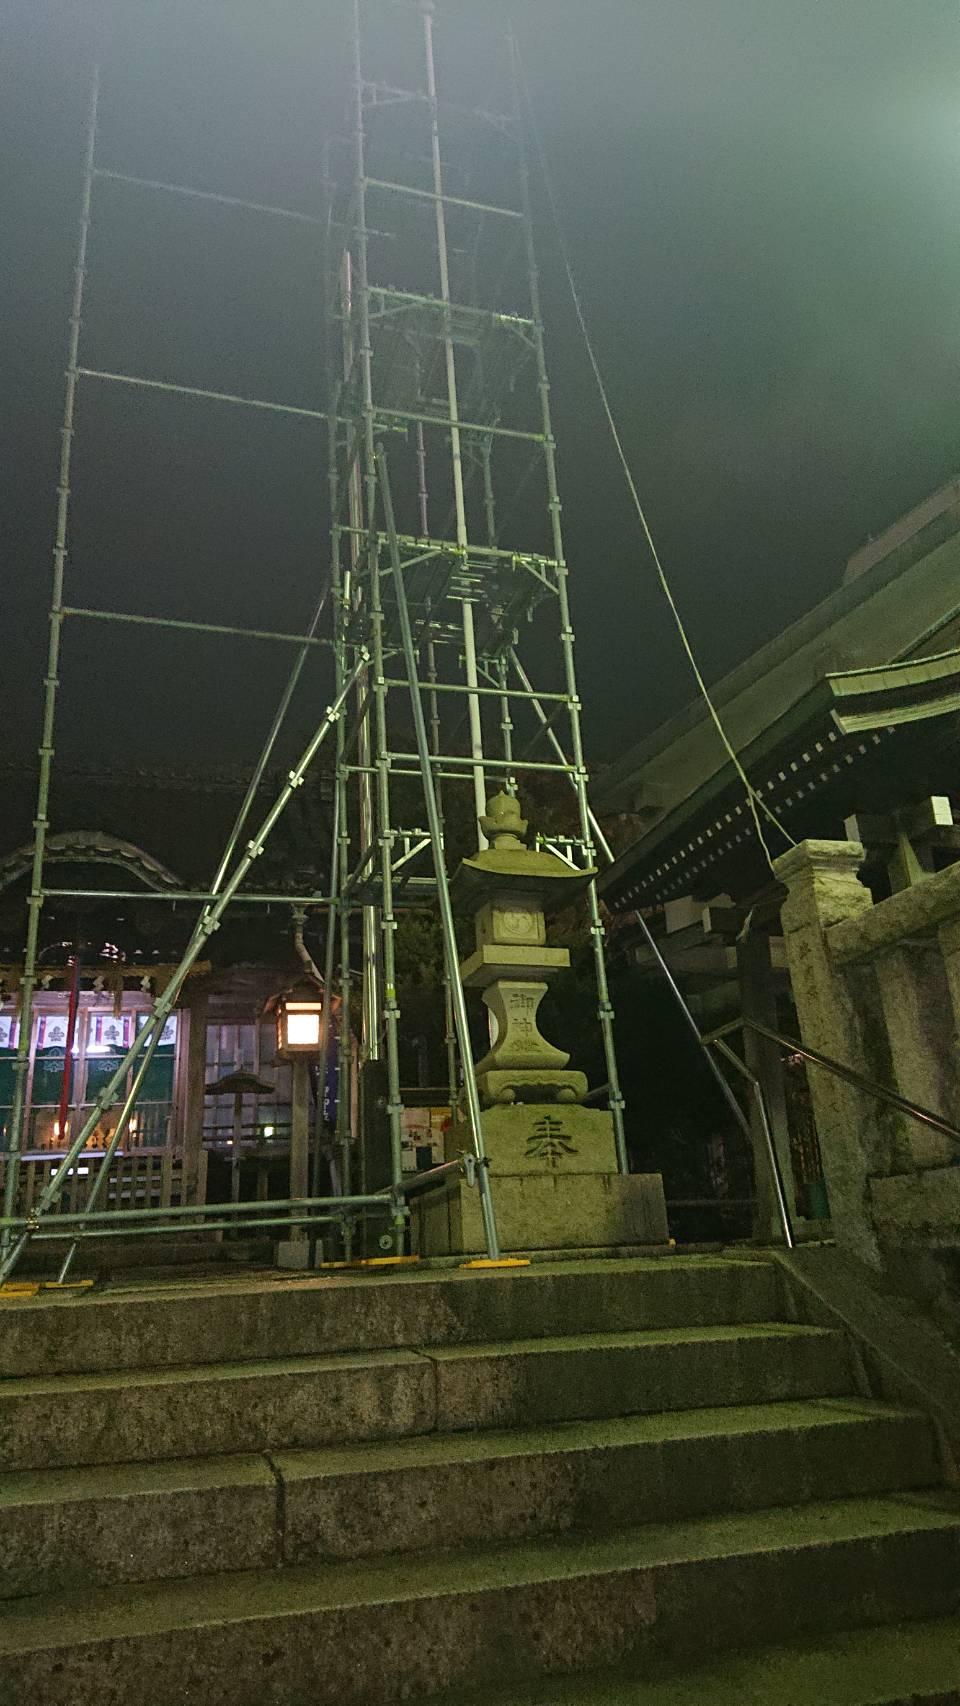 横須賀市 横須賀中央駅 諏訪神社の電柱塗装用の足場工事